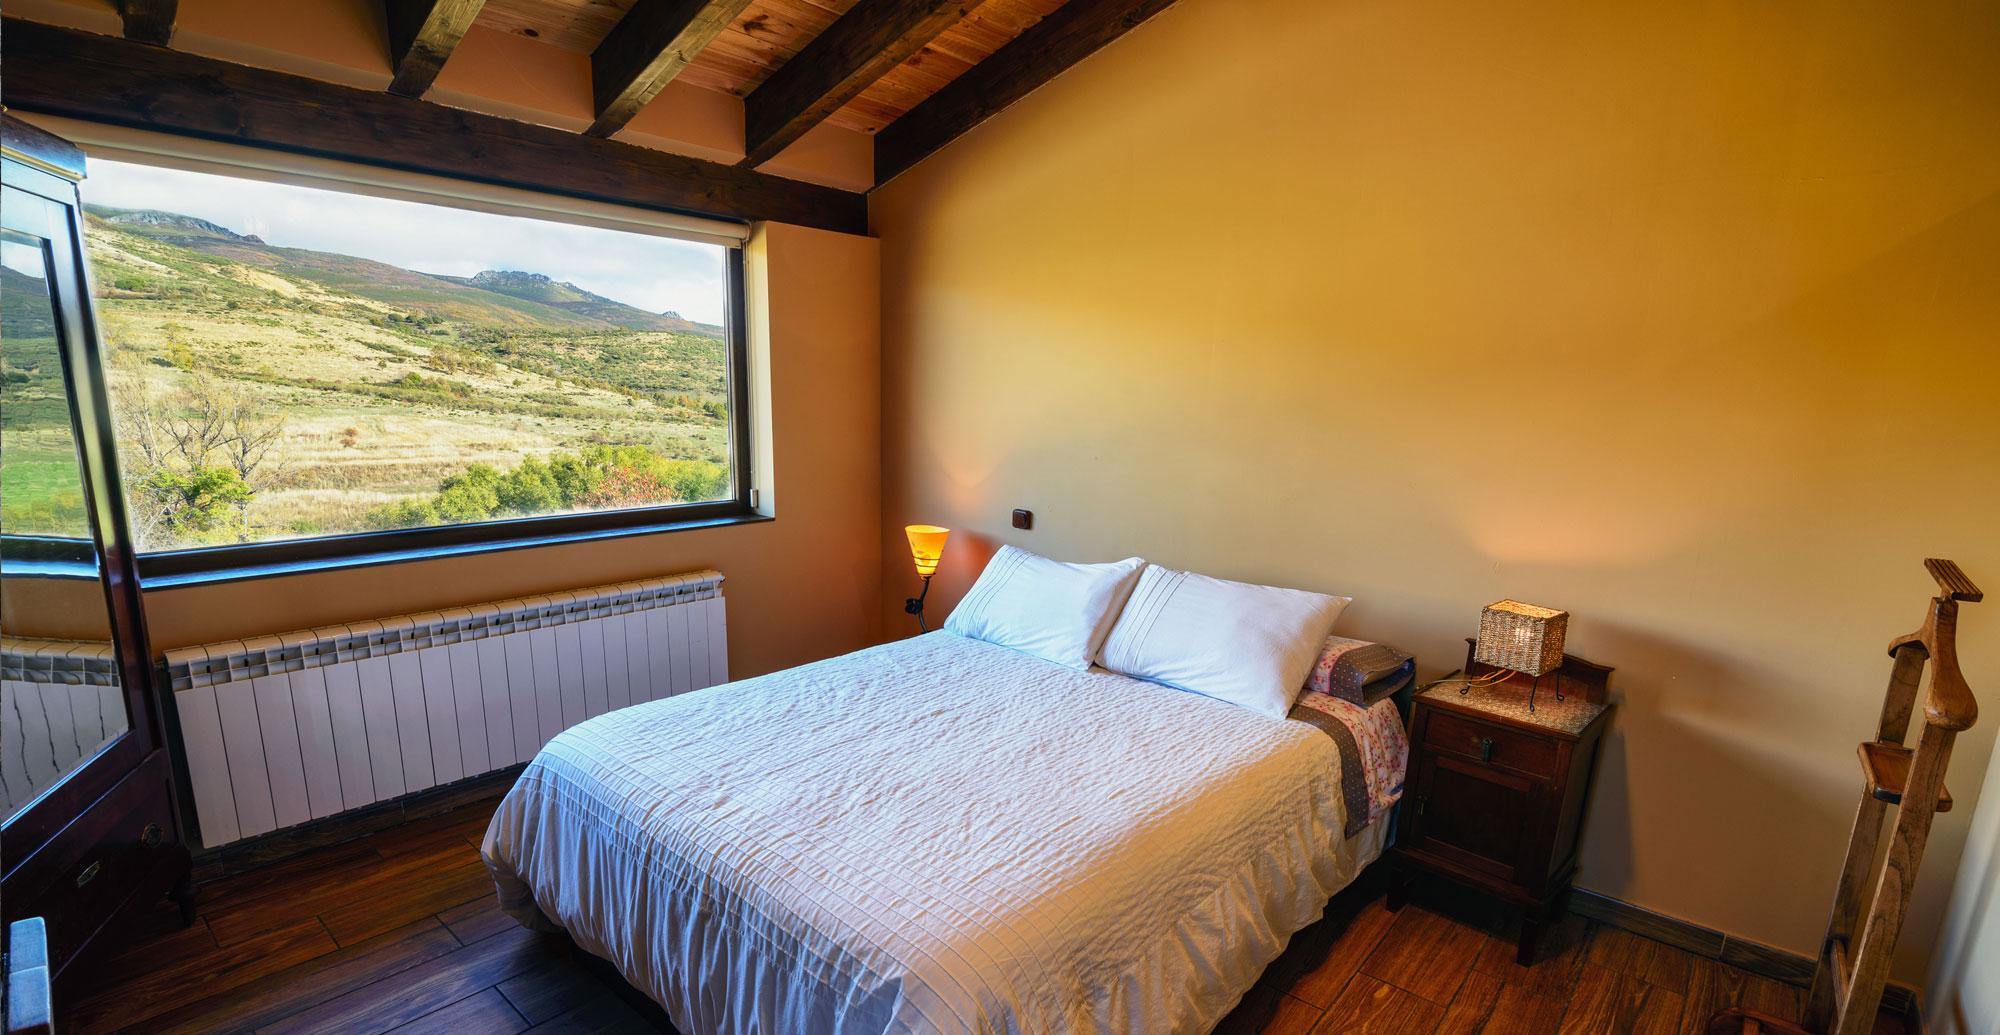 casa-rural-leon-romantica-parejas-dormitorio1-ok